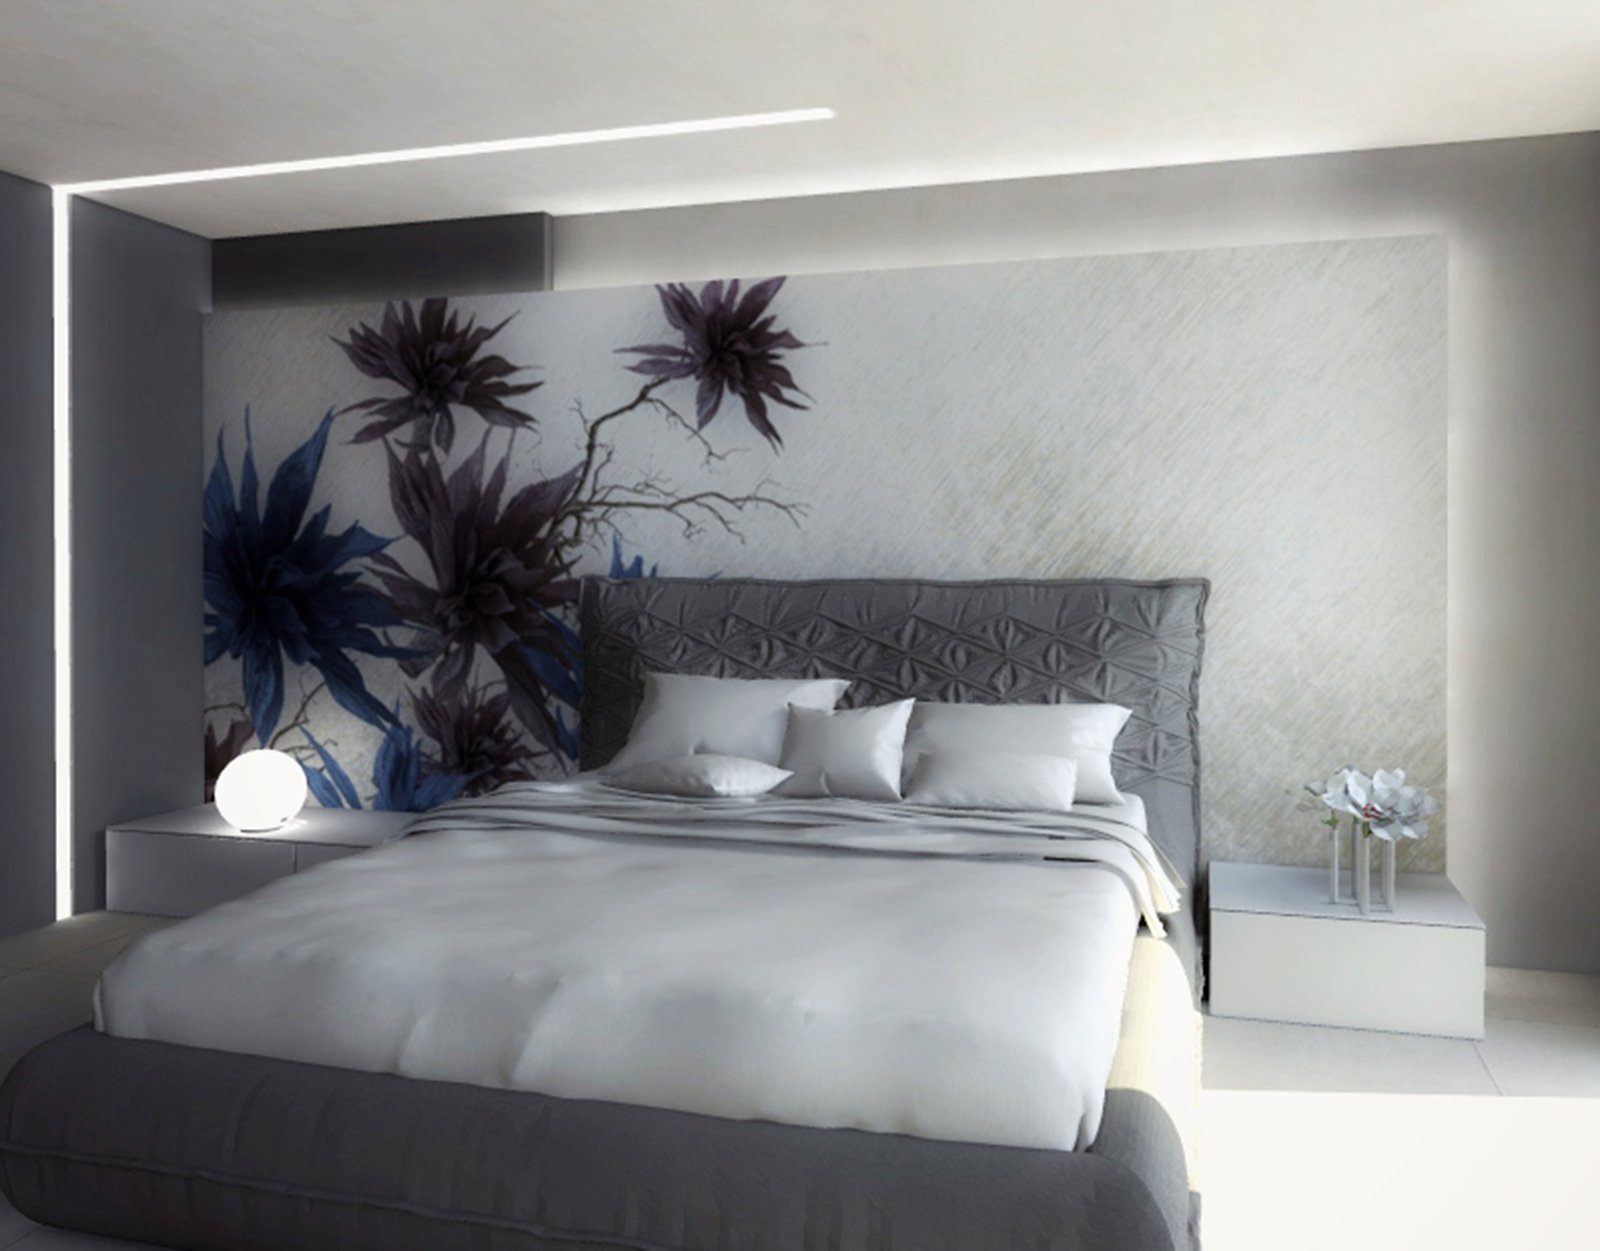 Una mansarda di nuova costruzione un progetto d 39 arredo for Camera da letto matrimoniale in mansarda